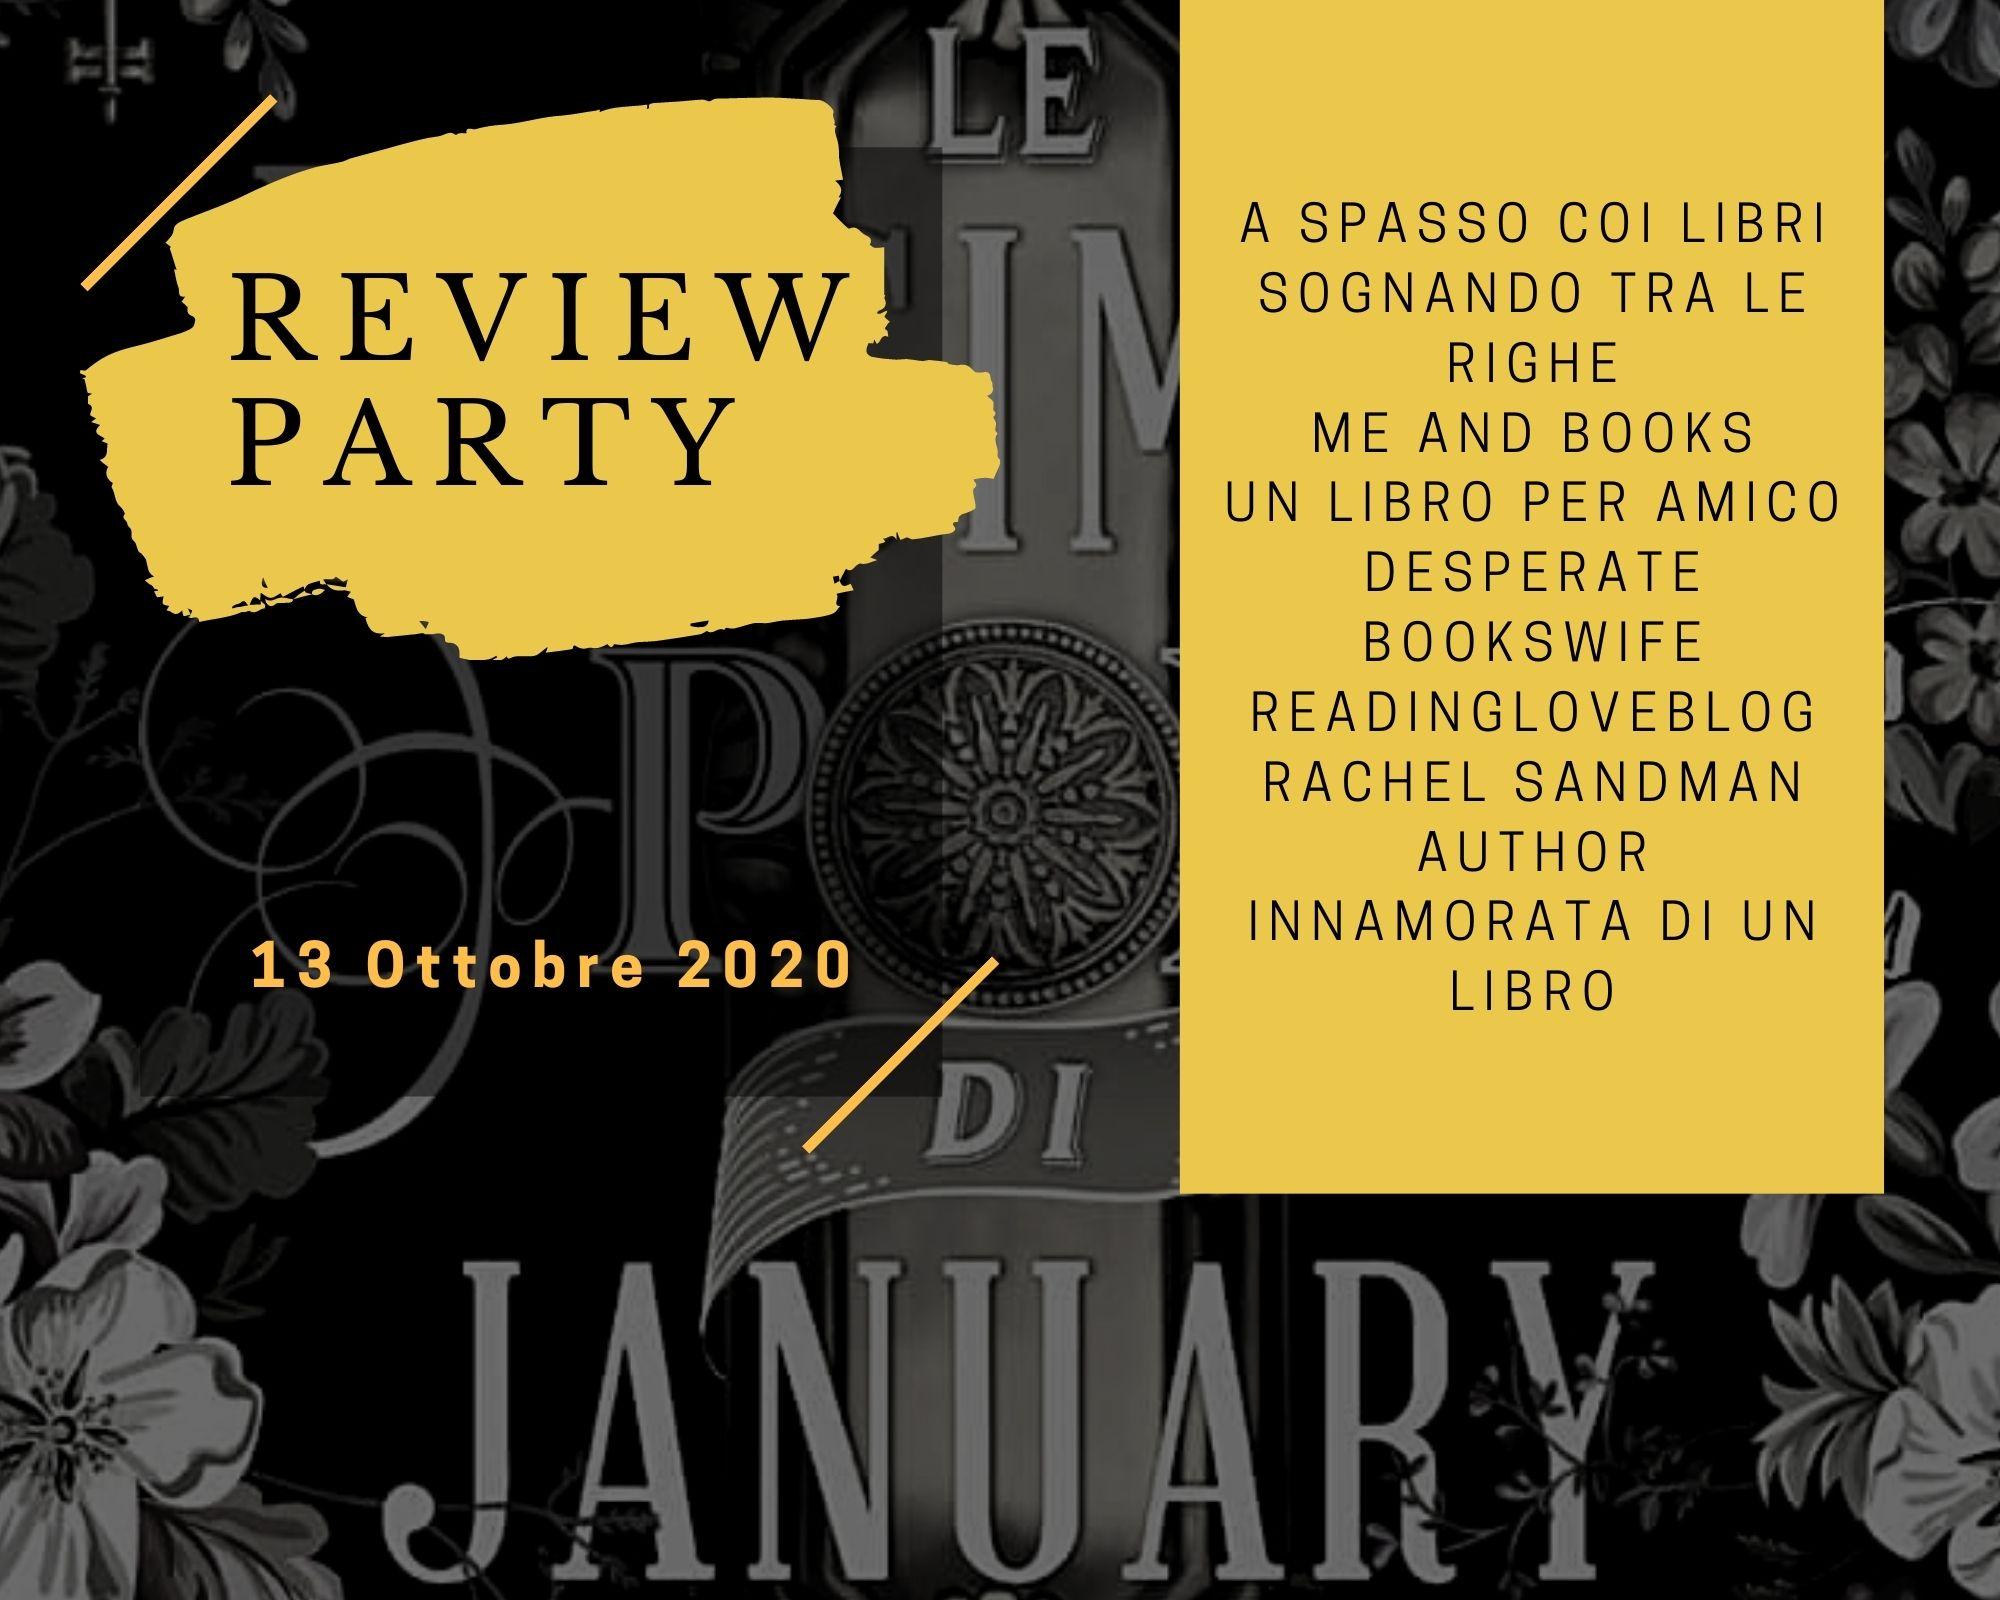 Review Party - Le diecimila porte di January di Alix E. Harrow